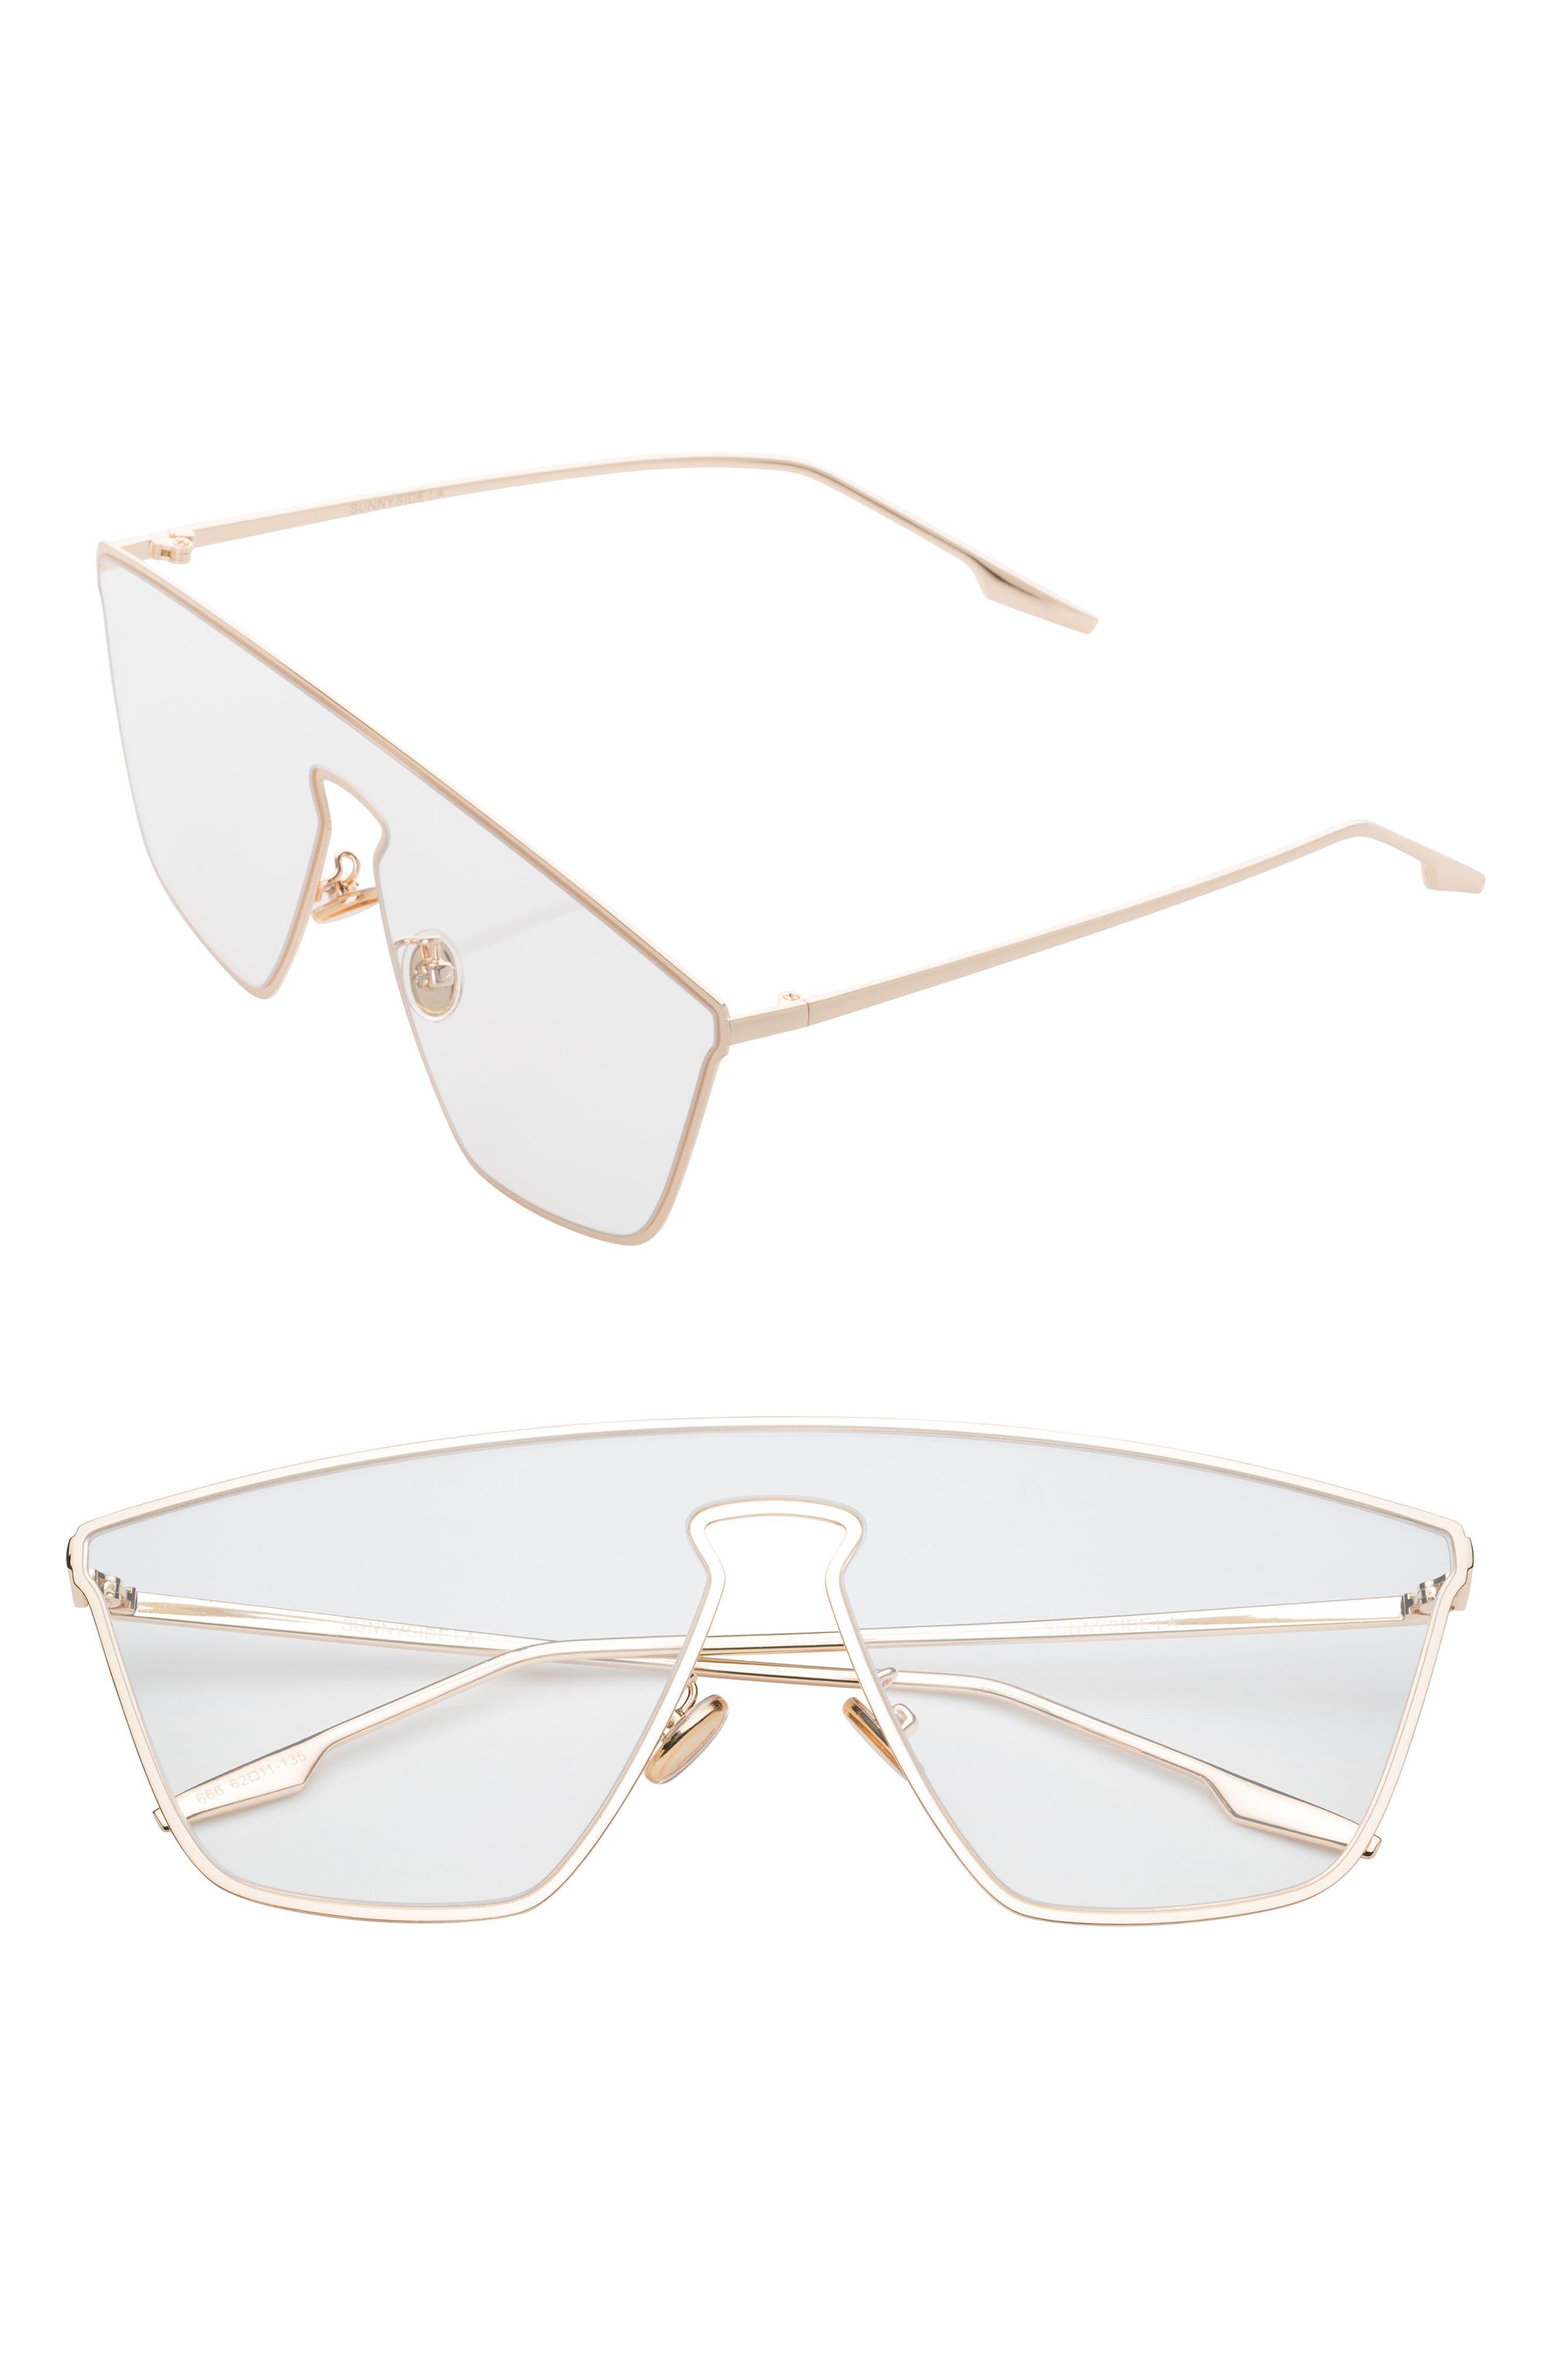 Sunnyside LA Irregular 65mm Clear Glasses